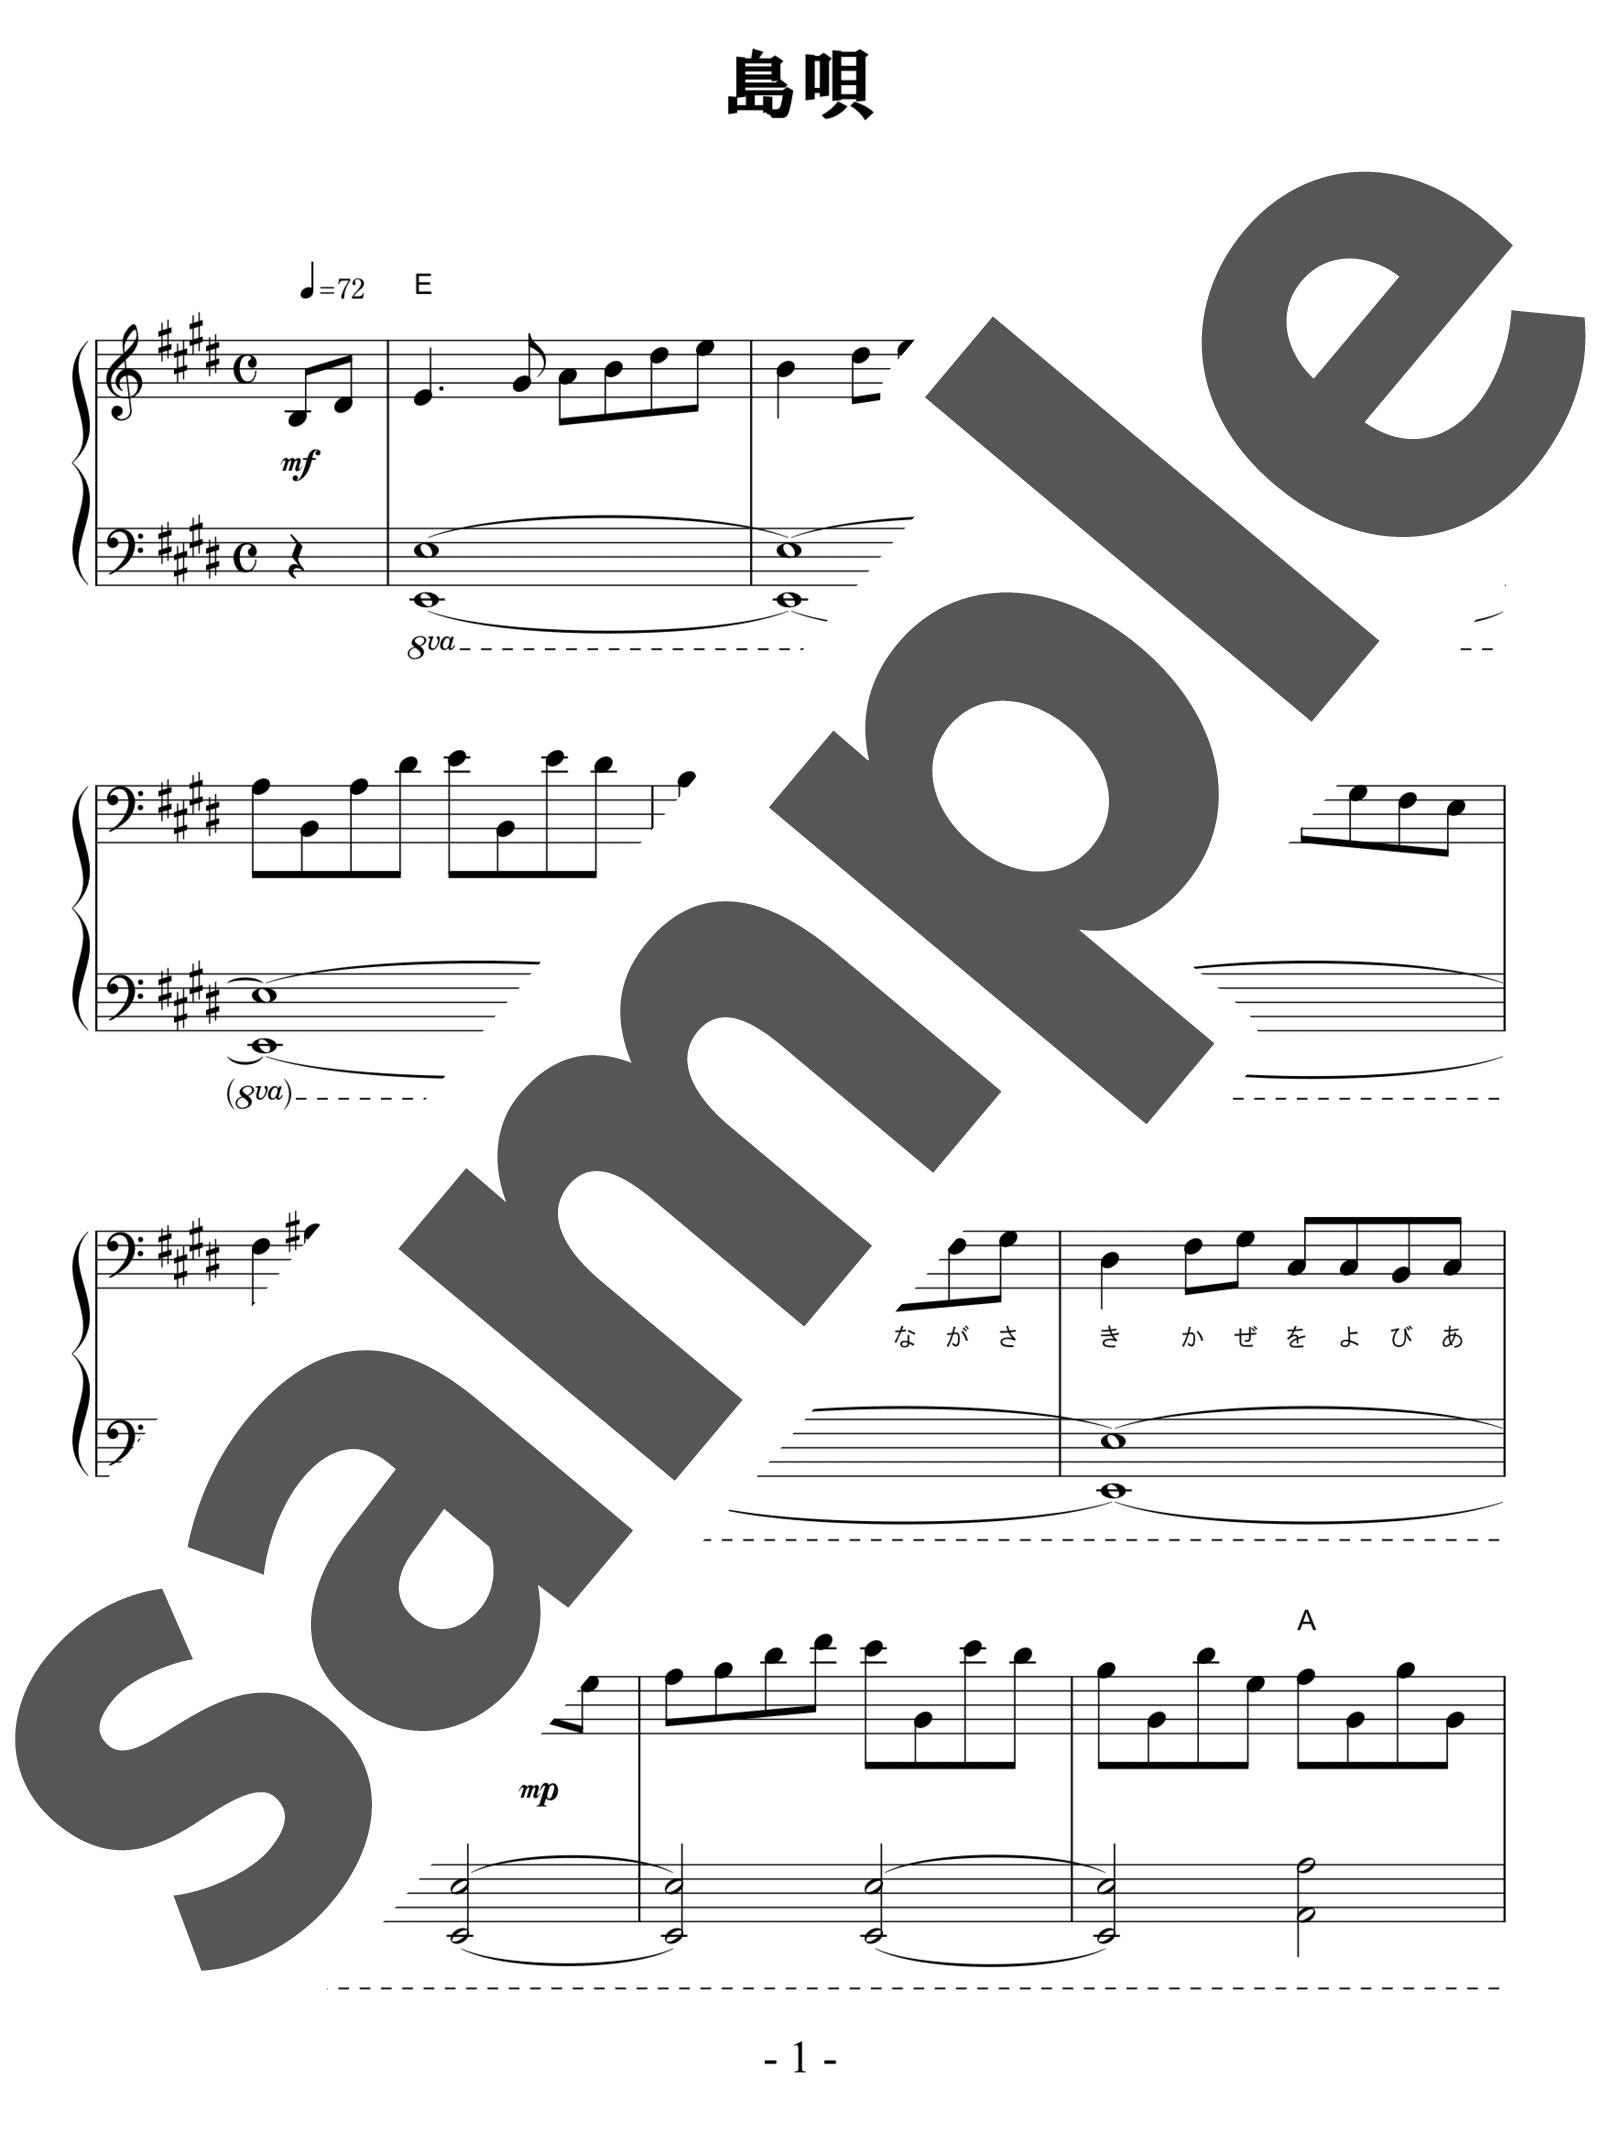 「島唄」のサンプル楽譜